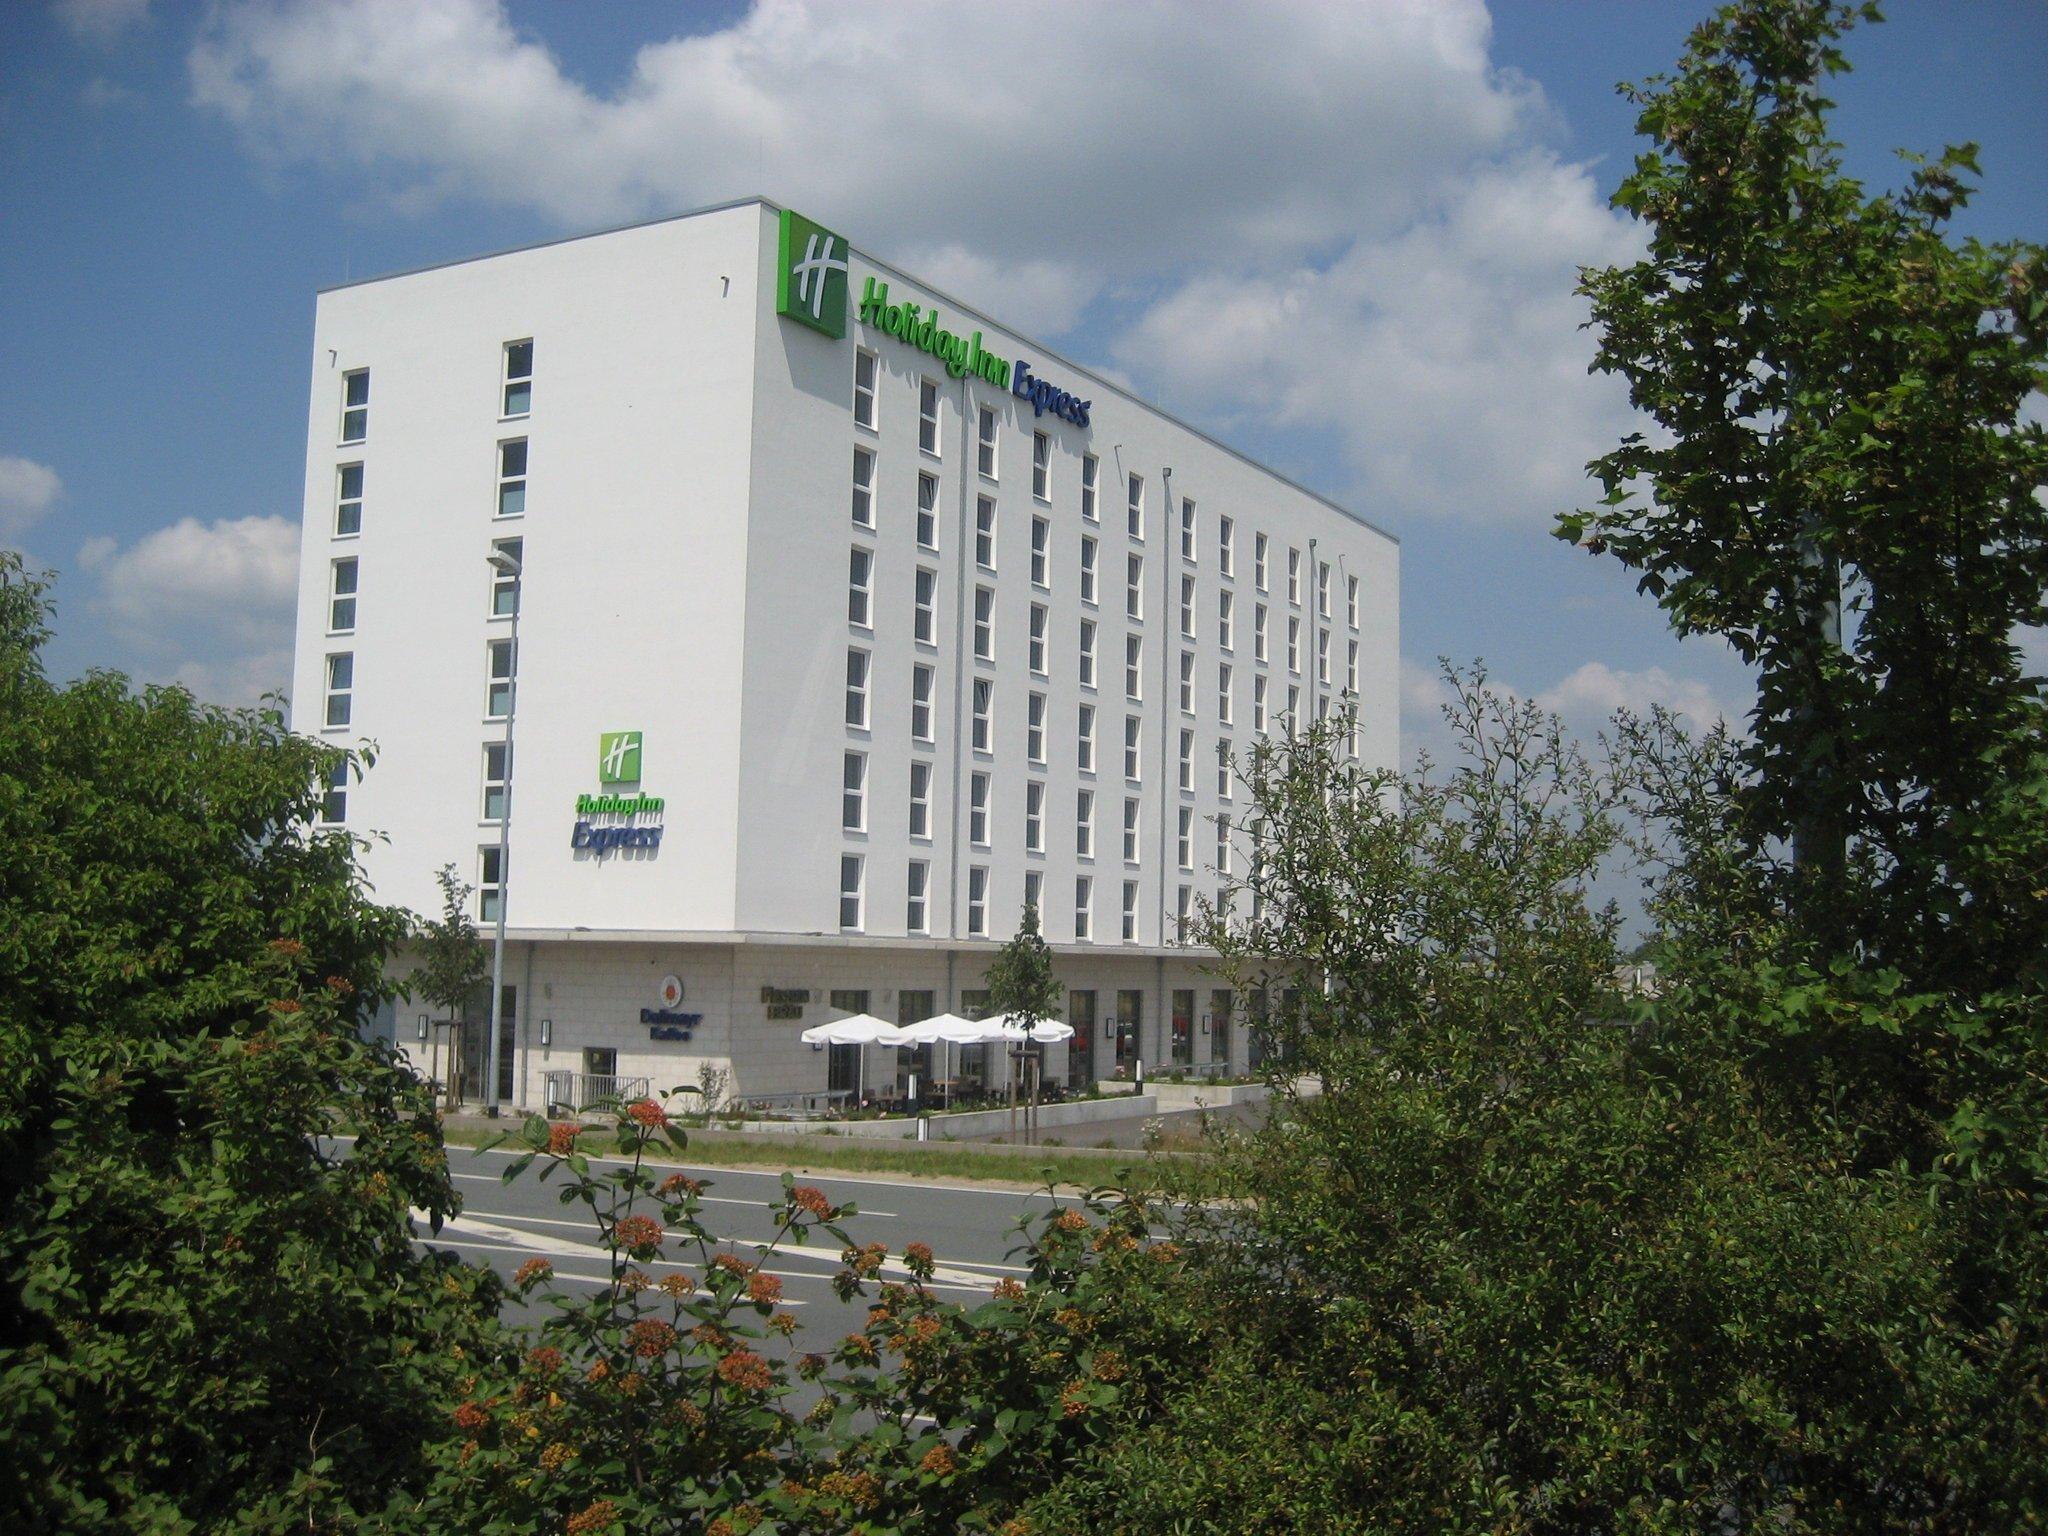 紐倫堡 - 施瓦巴赫智選假日飯店